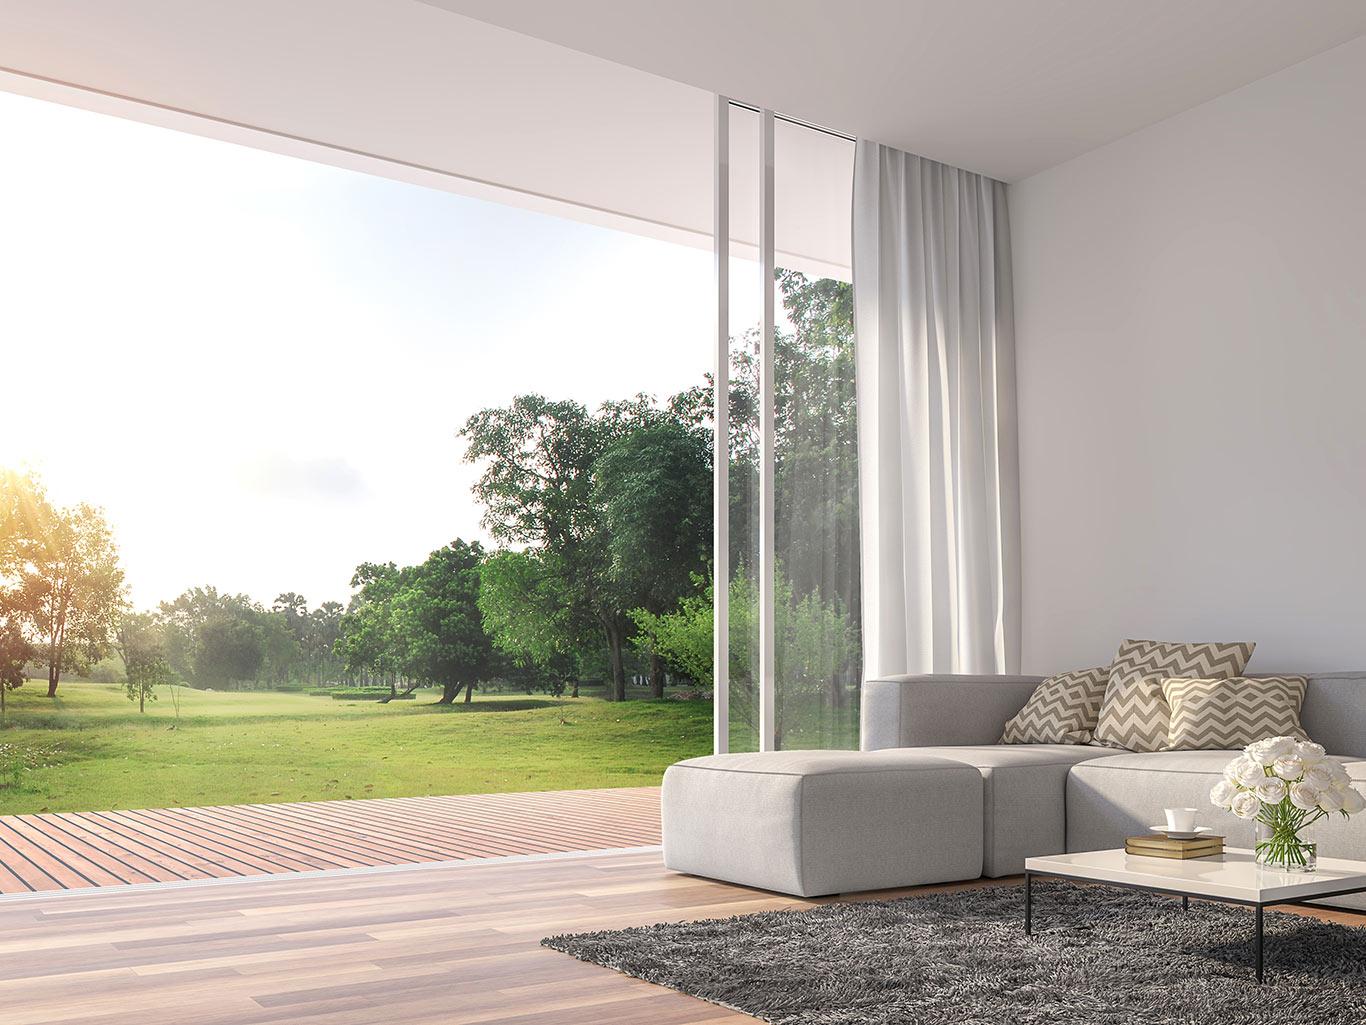 Nowoczesny, minimalistyczny design